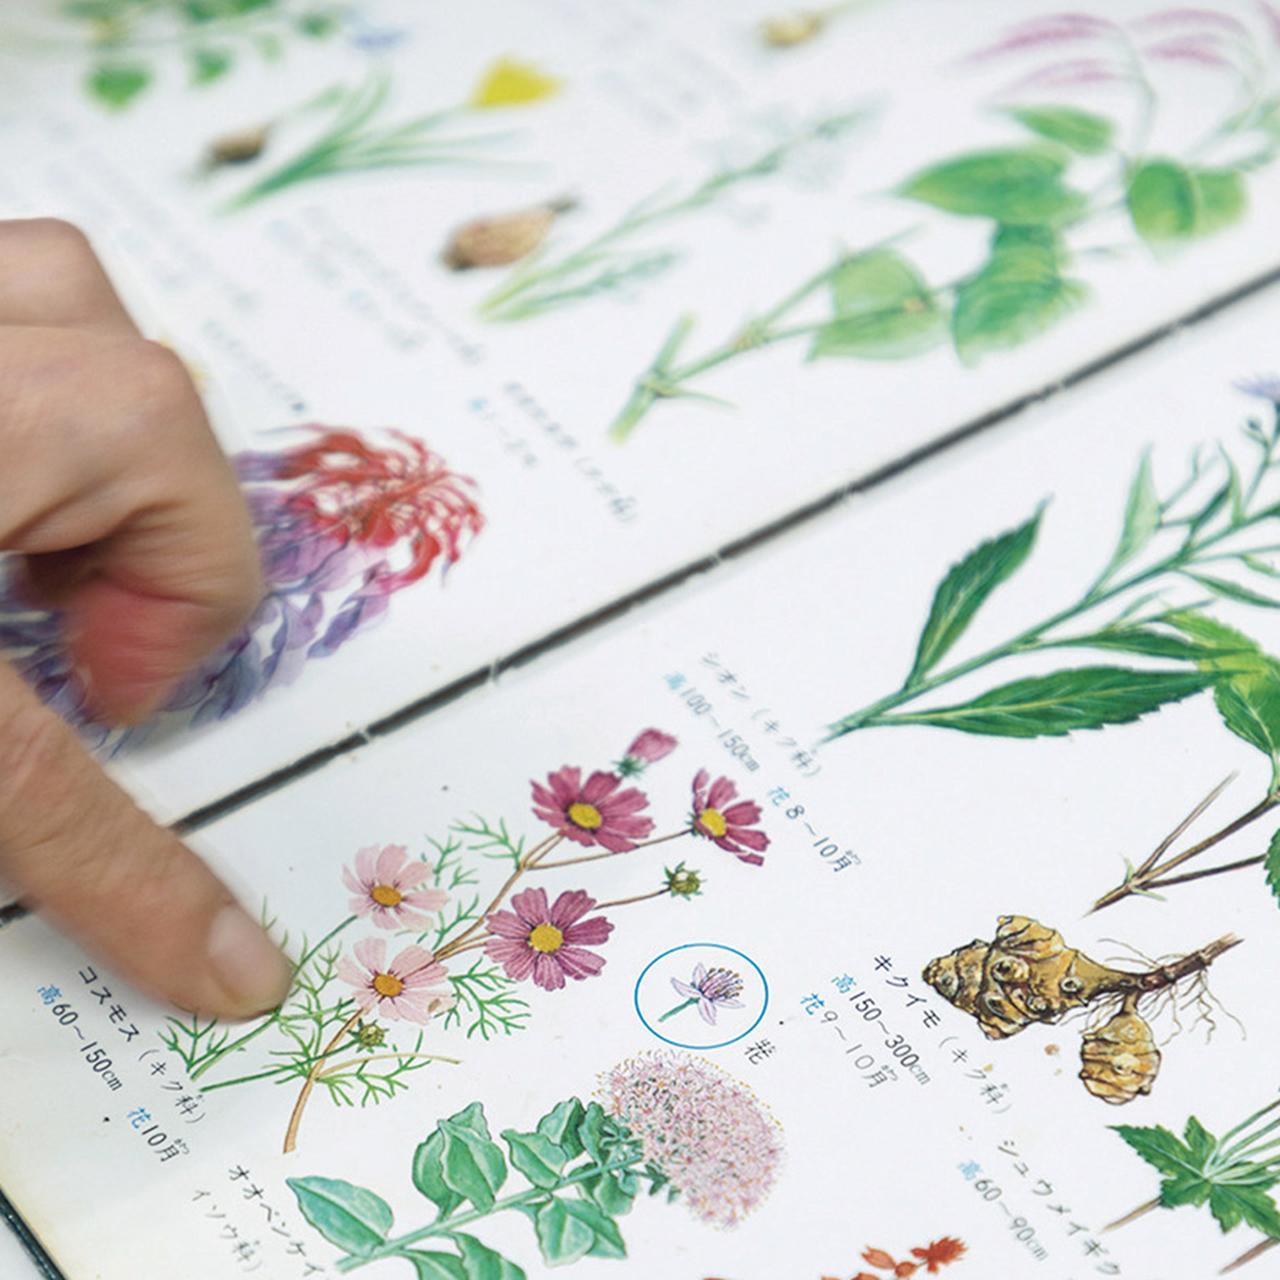 Images : 10番目の画像 - 「パーラー ローレルの 熟練職人が紡ぎだす 花のケーキの物語」のアルバム - T JAPAN:The New York Times Style Magazine 公式サイト